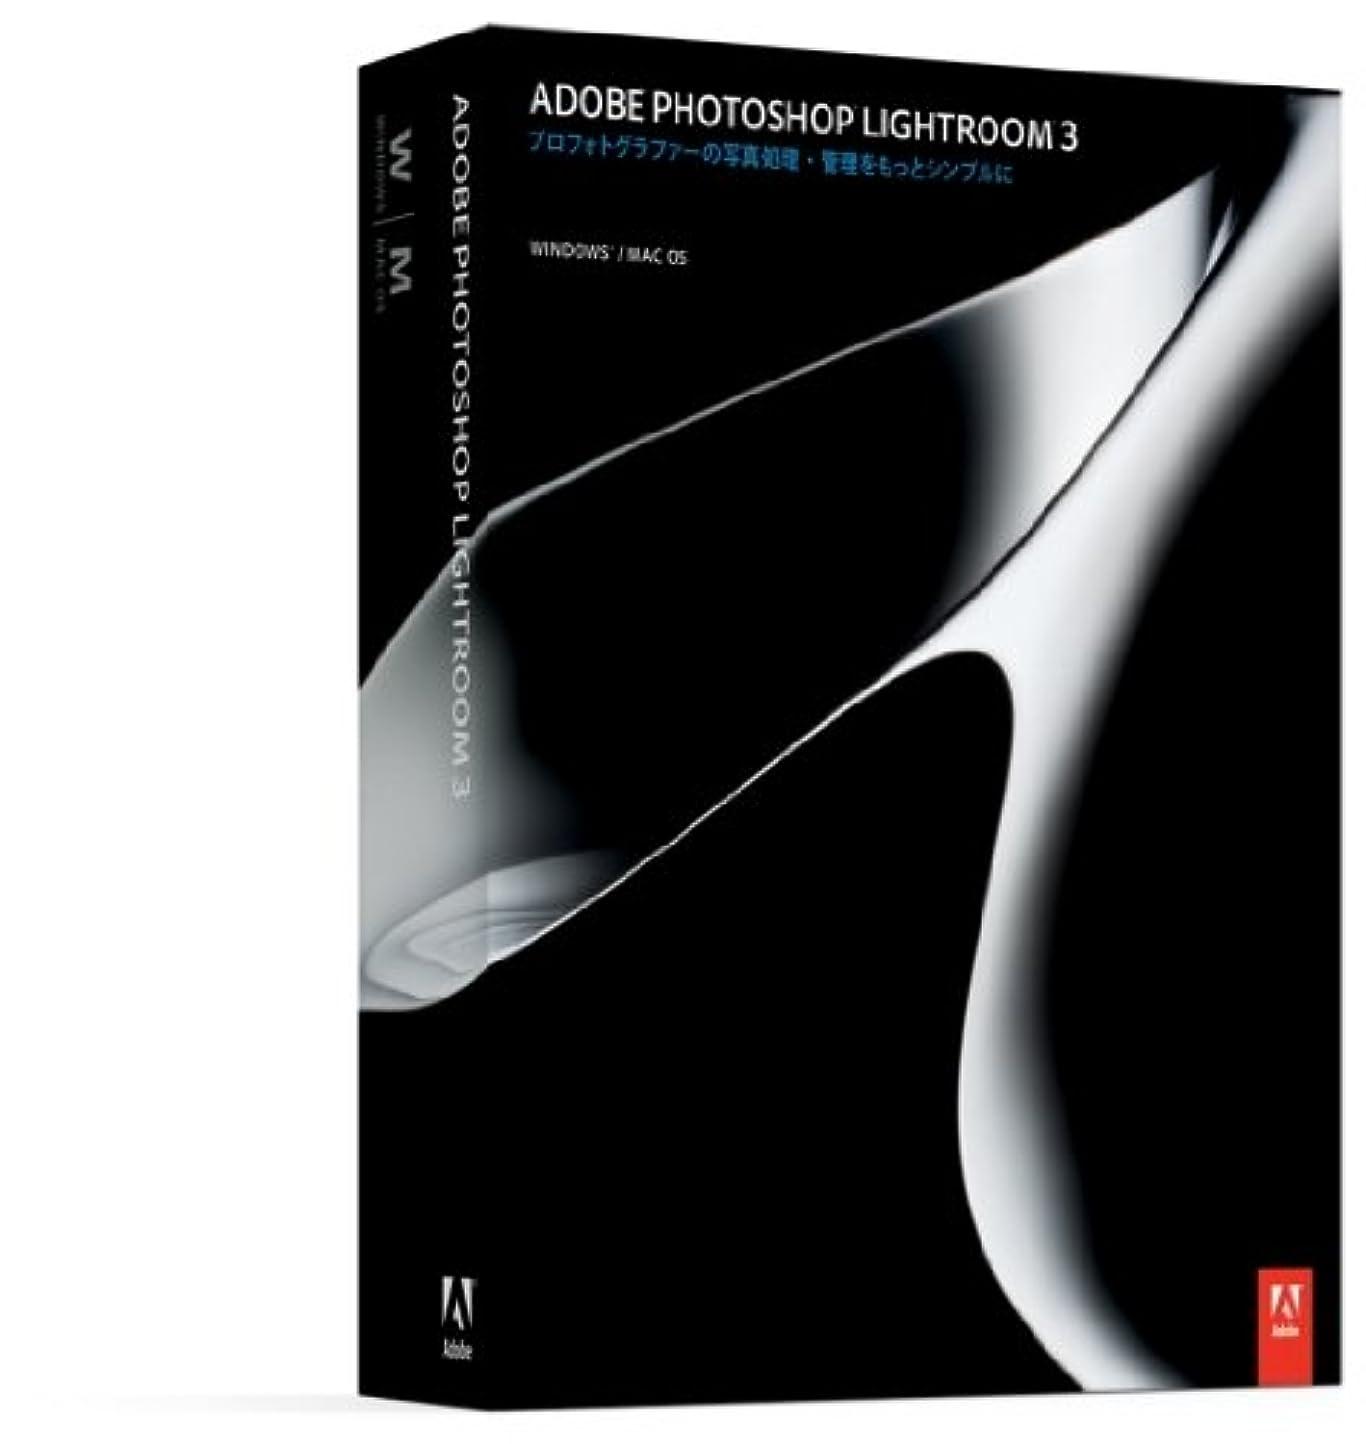 教育学行方不明うっかりAdobe Photoshop Lightroom 3.0 Windows/Macintosh版 (旧価格品)